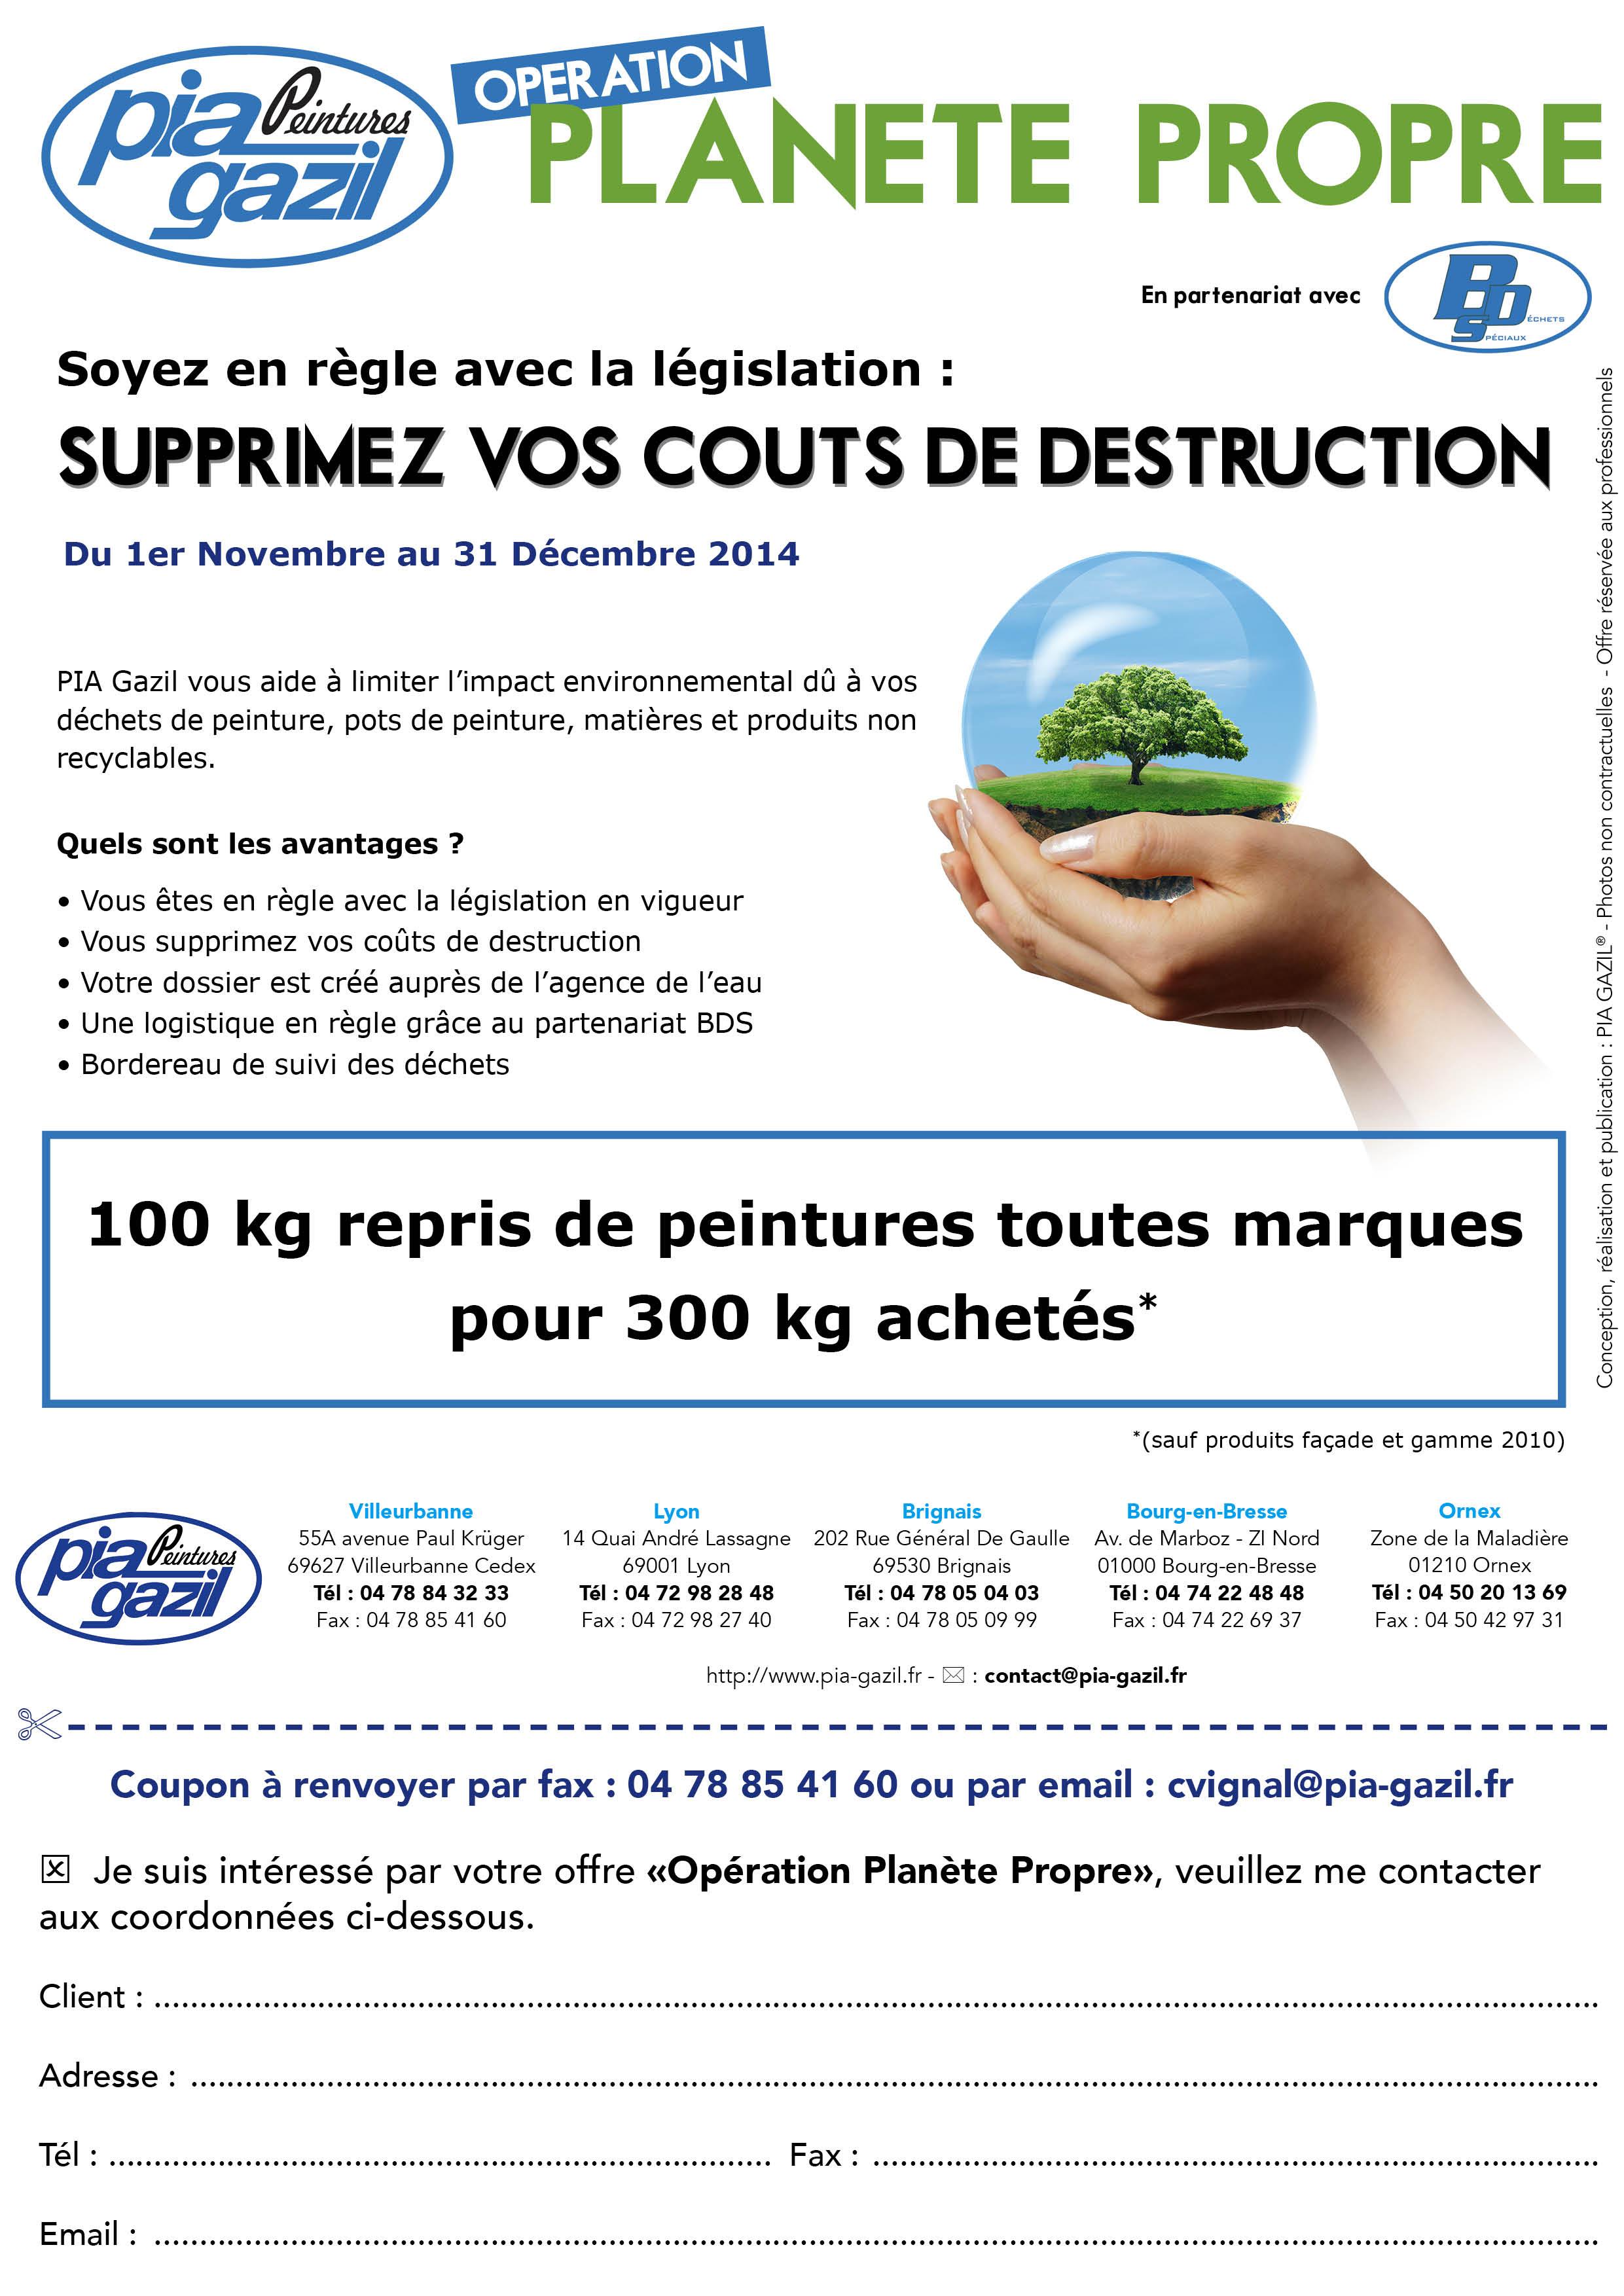 operation planète propre coupon